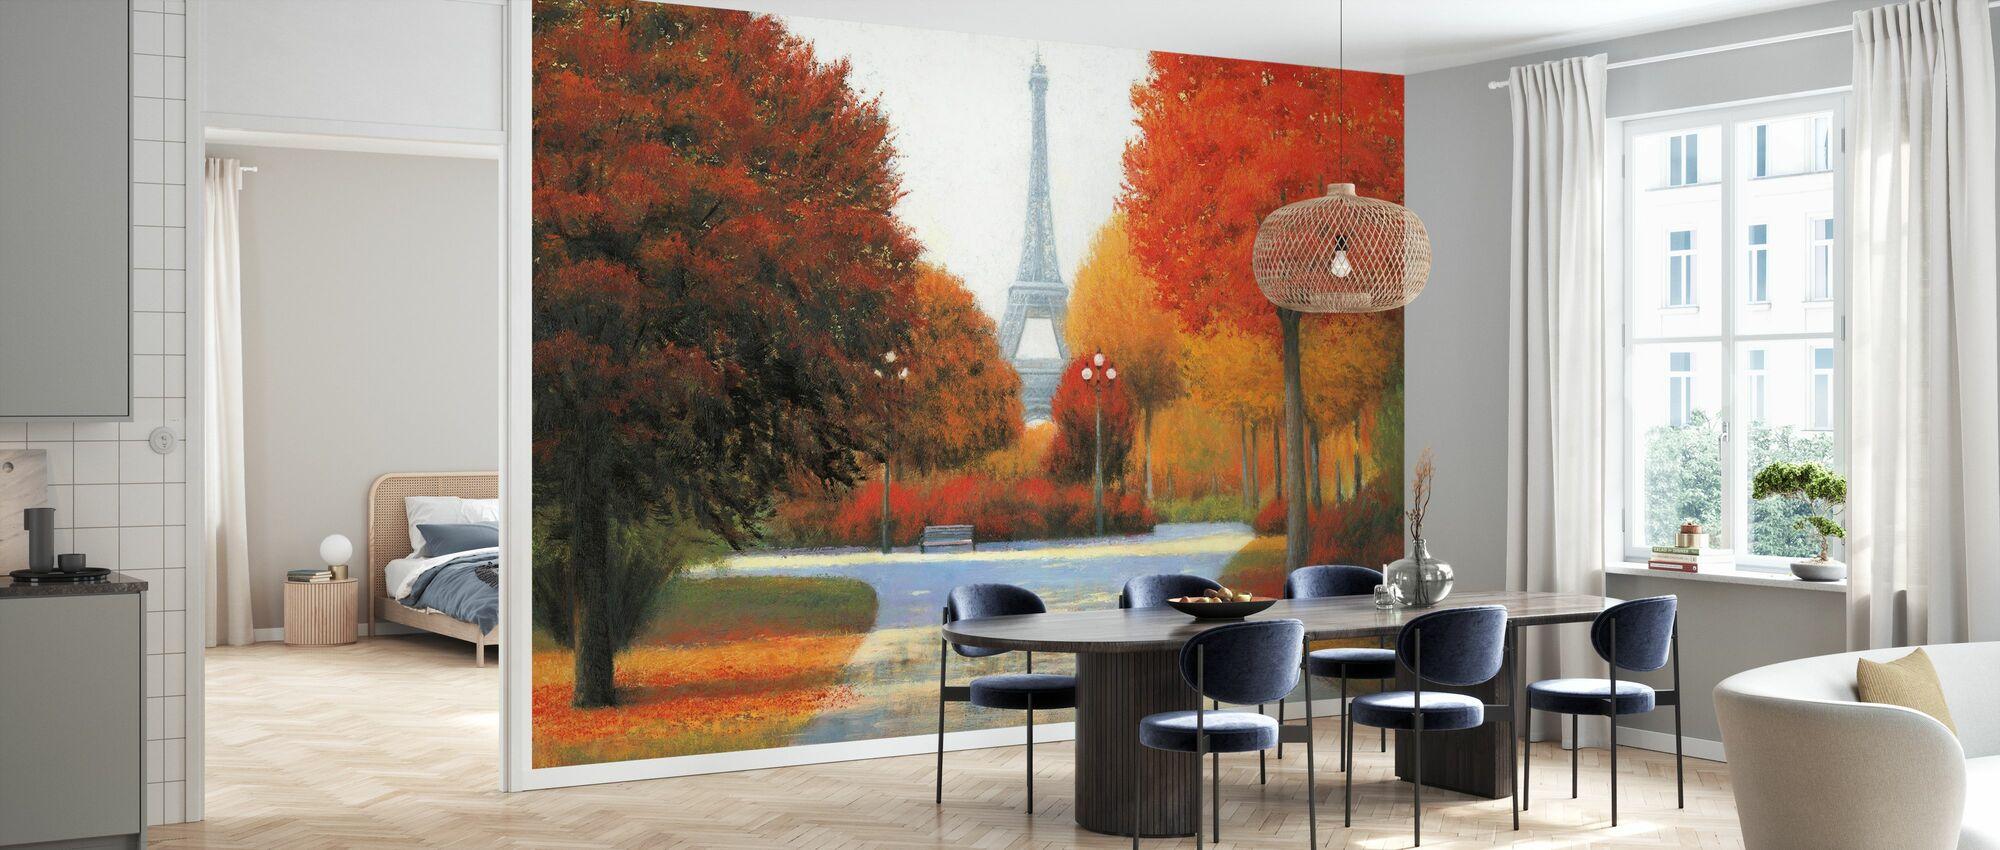 Autumn in Paris - Wallpaper - Kitchen